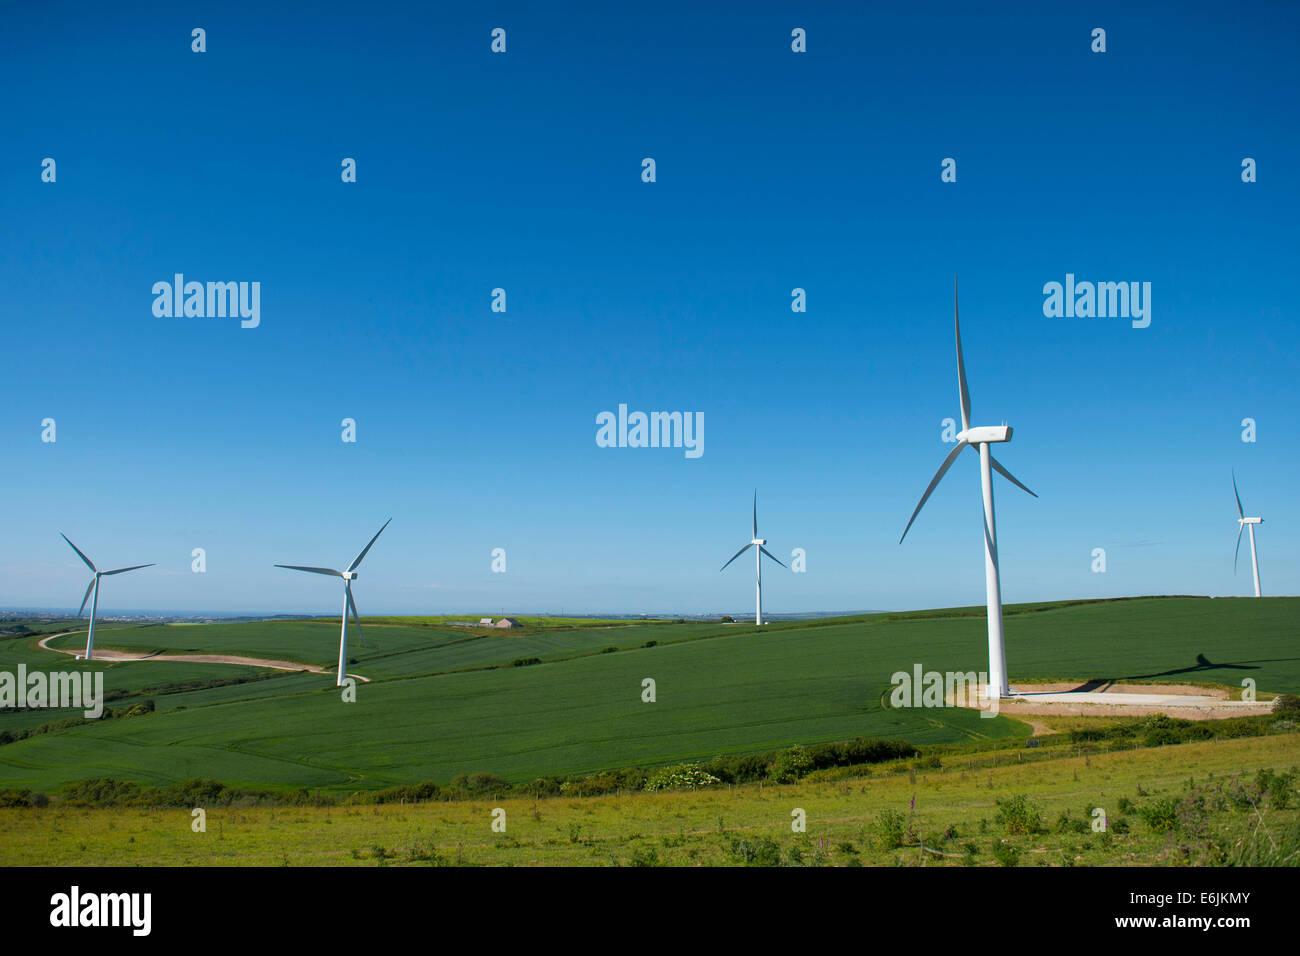 Une éolienne à une ferme éolienne produisant de l'énergie renouvelable dans la région Photo Stock